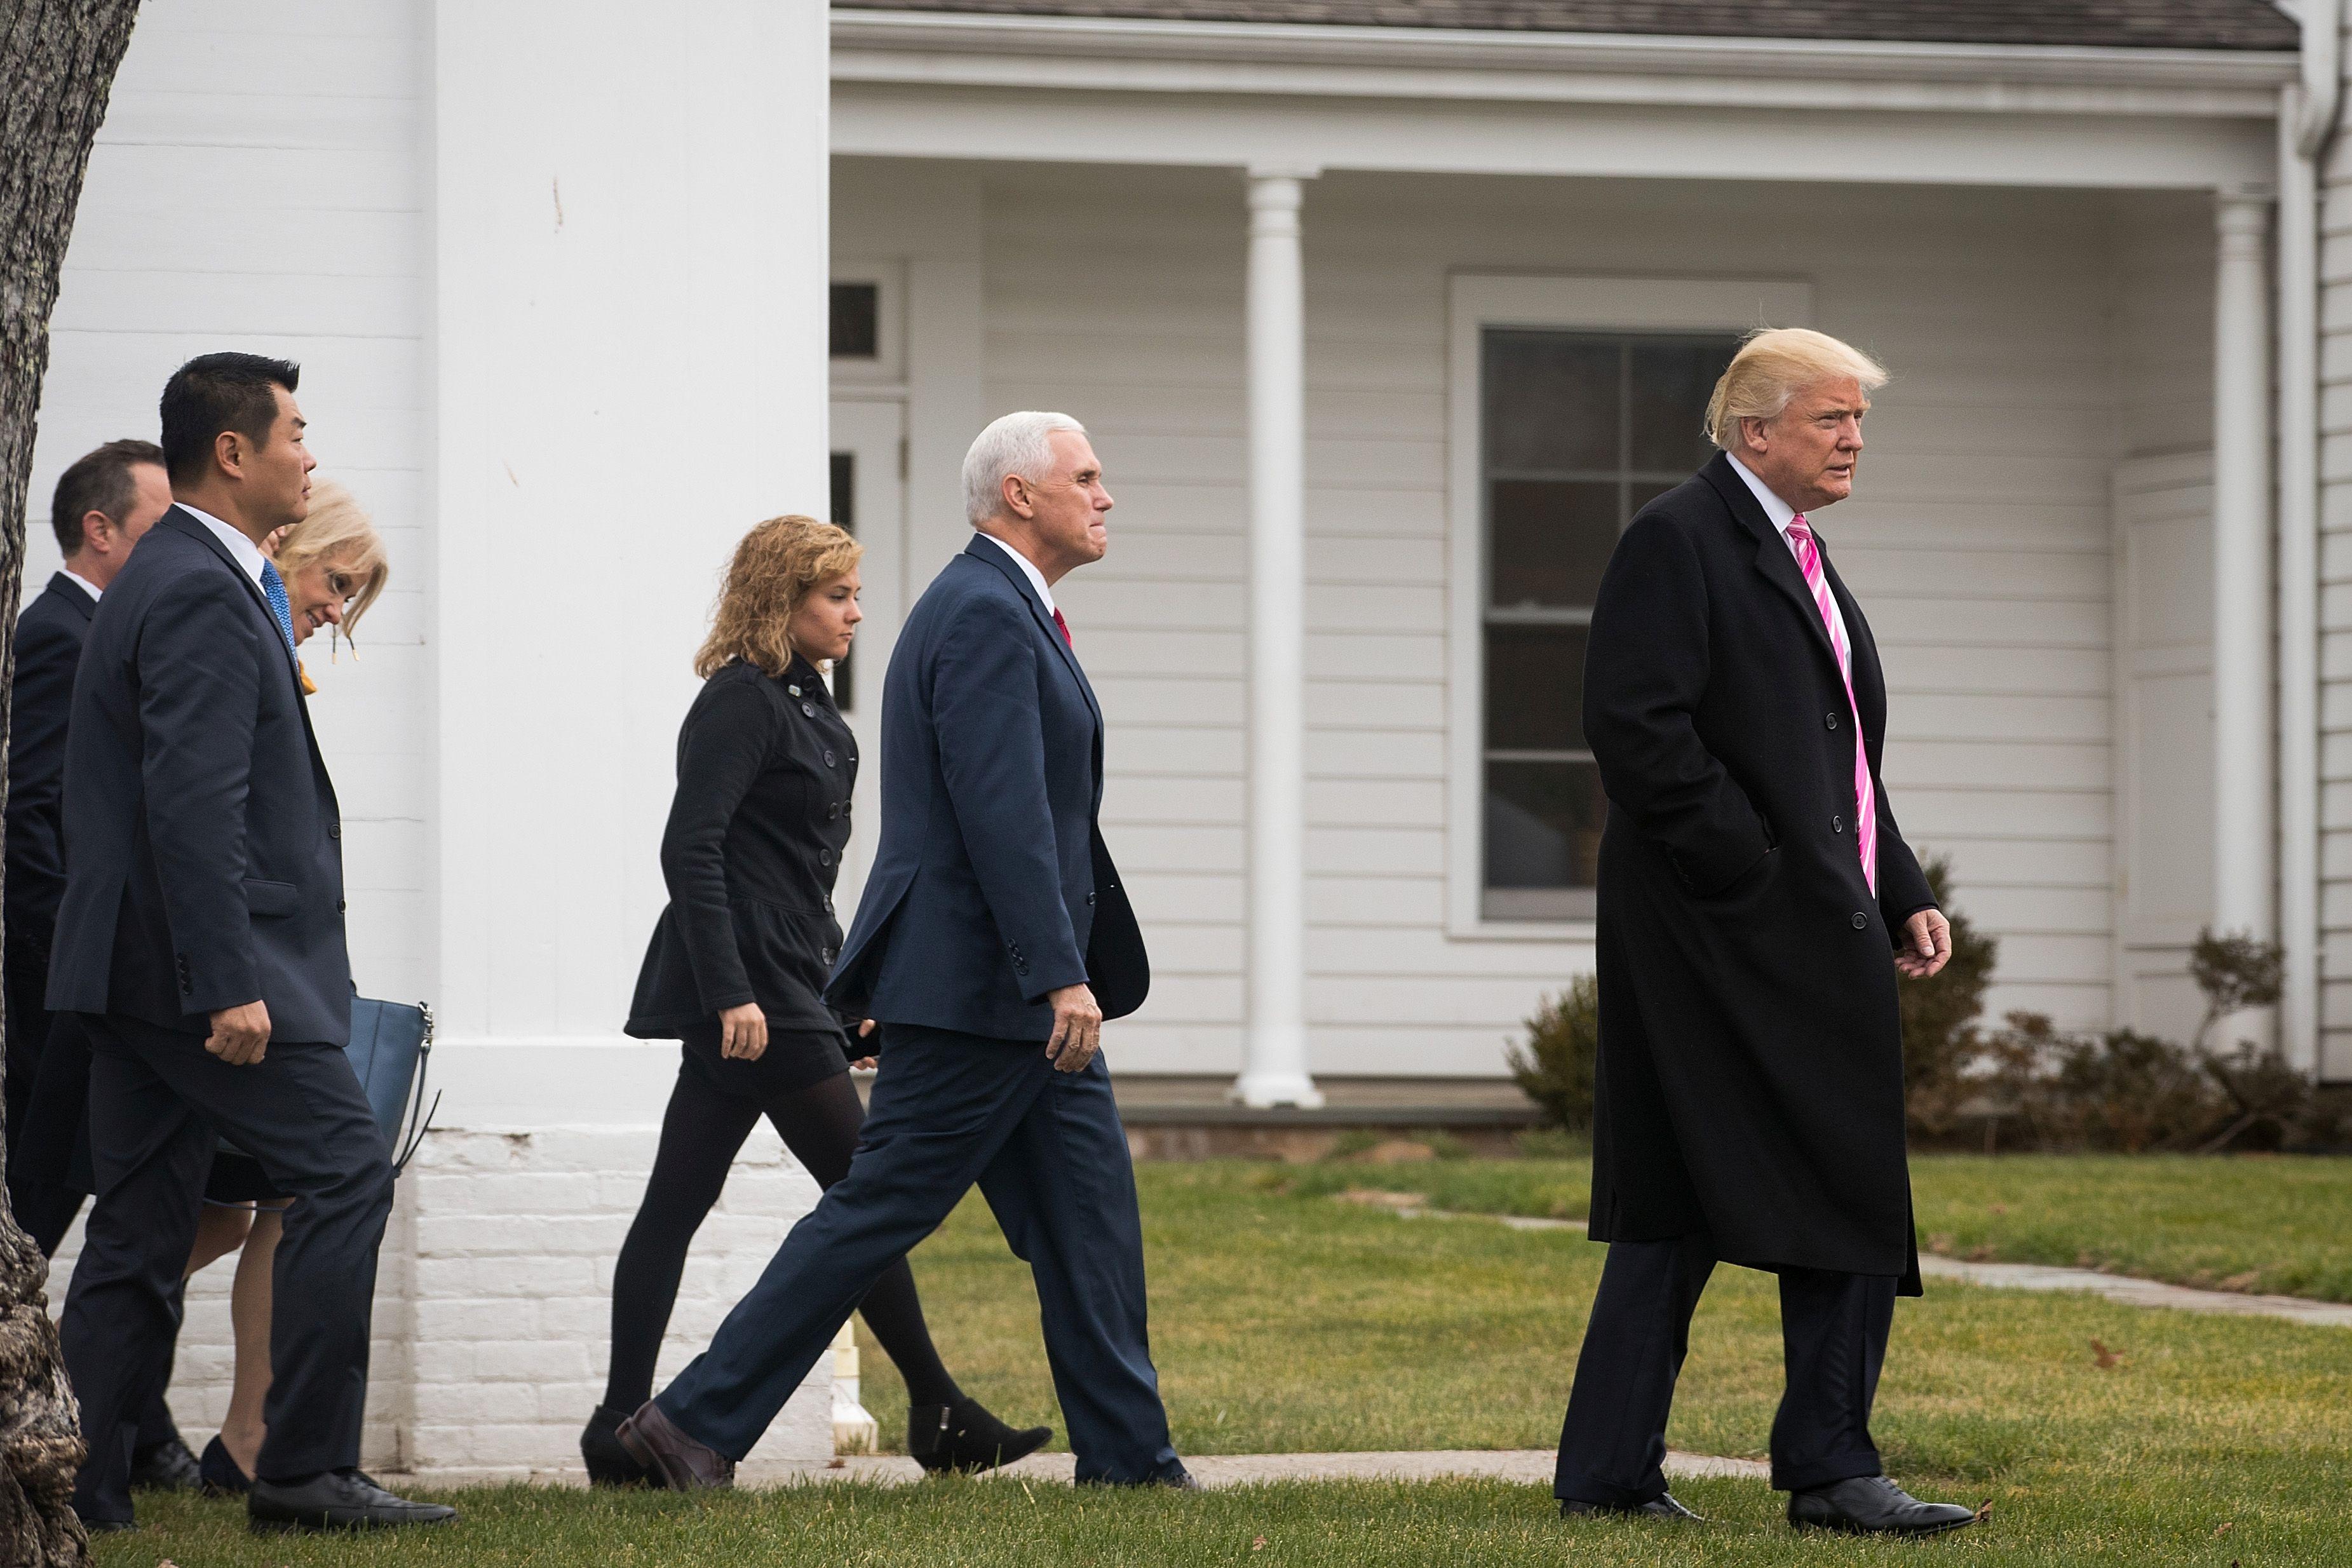 Trumpot annyira azért nem érdeklik az Egyesült Államokat fenyegető veszélyek